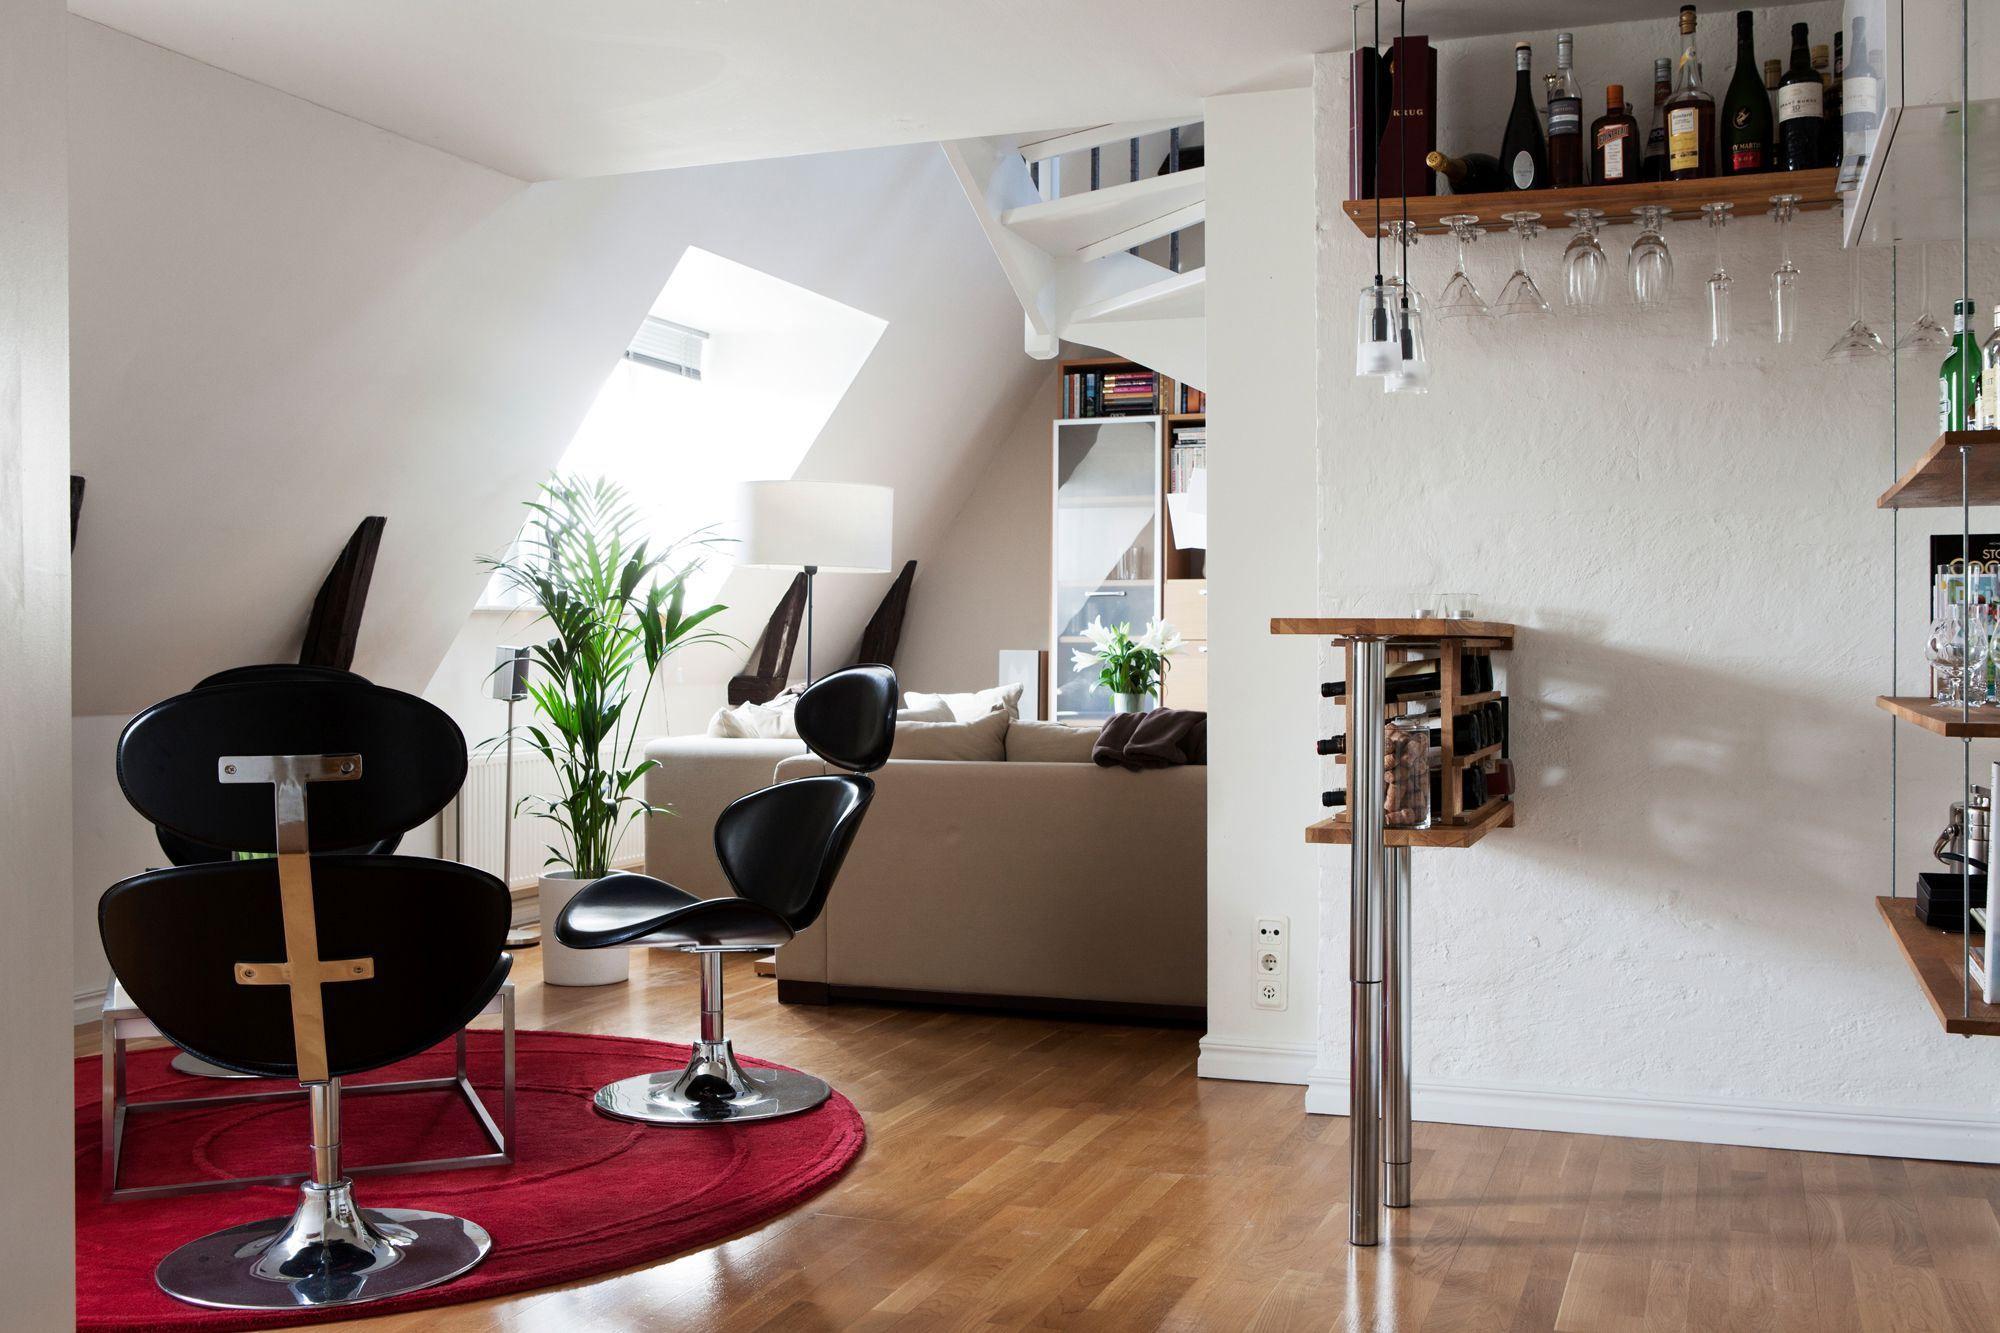 muebles de bar pequeños y minimalistas - Buscar con Google   DECORA ...